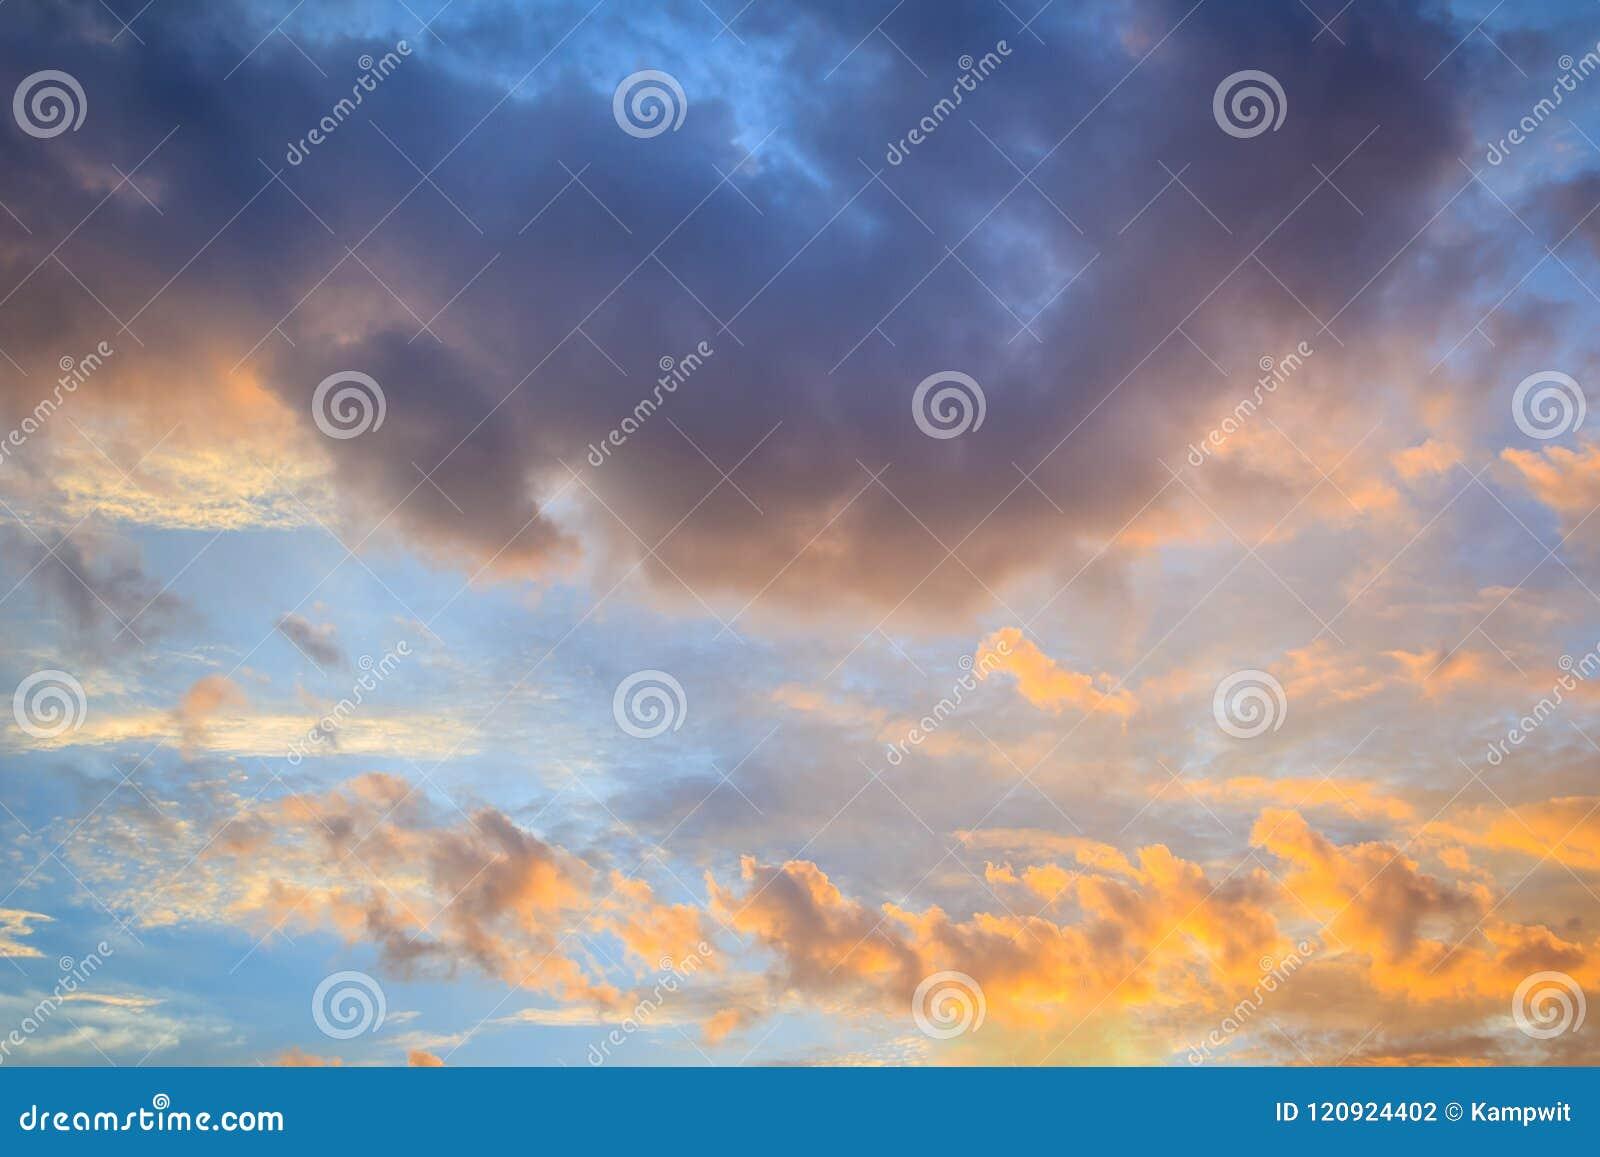 Fondo de la nube roja y del cielo azul El cielo dramático de la puesta del sol comenzó a cambiar de azul a la naranja